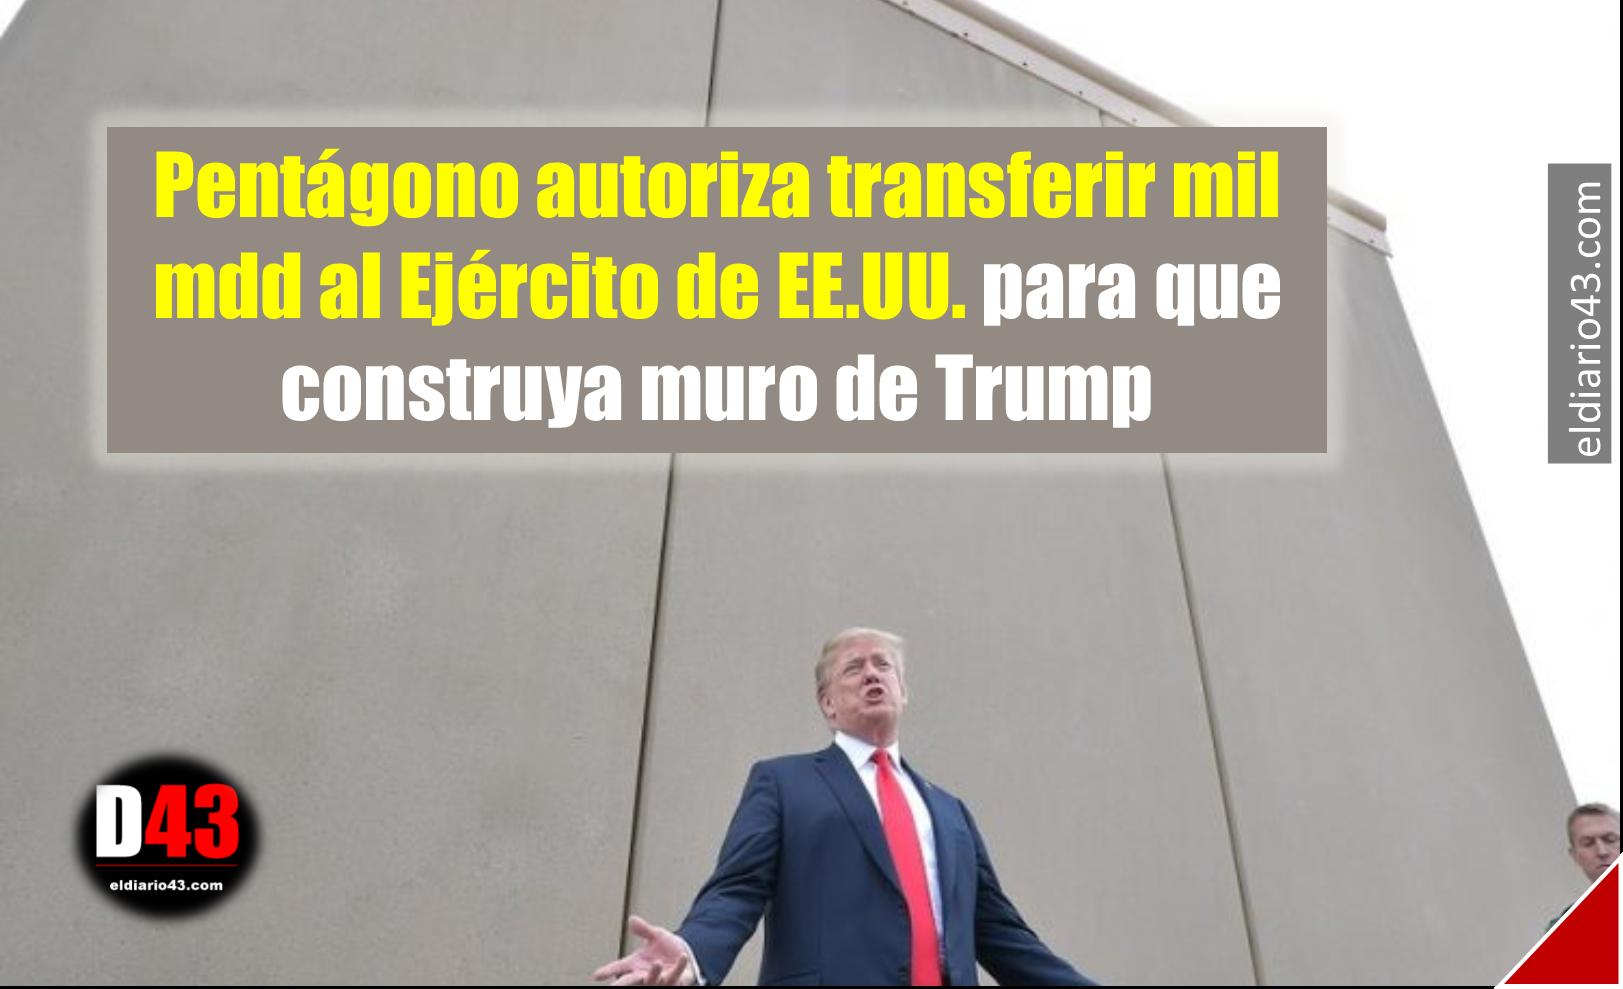 Pentágono autoriza transferir mil mdd al Ejército de EE.UU. para que construya muro de Trump